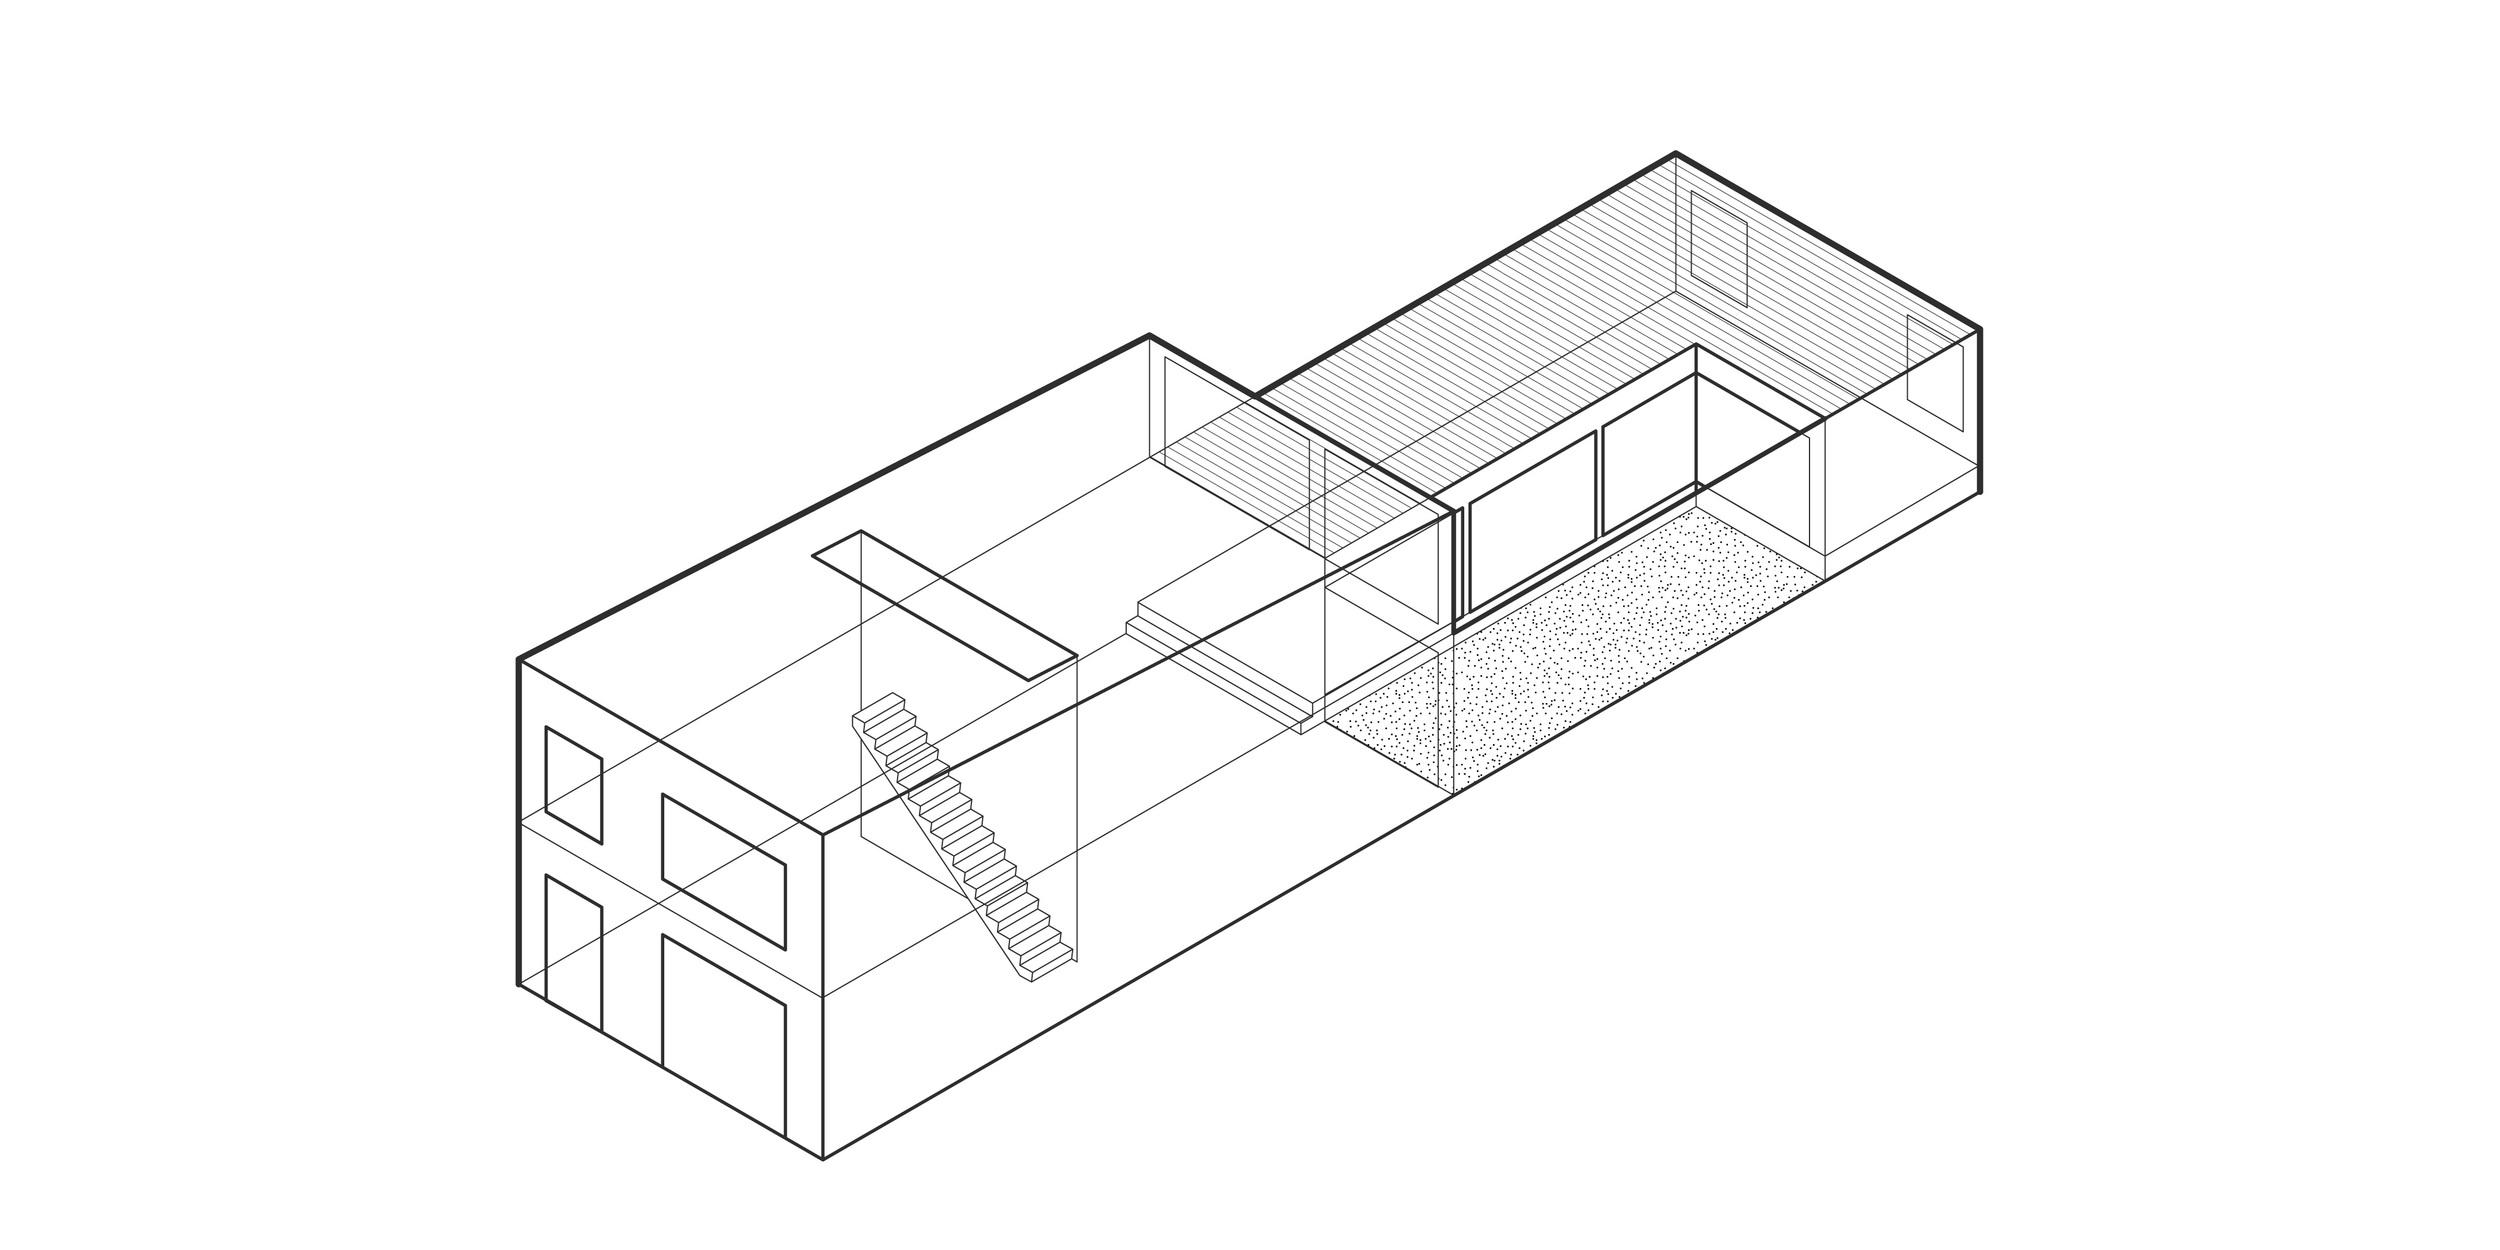 307_3rd-SD-160413-Diagram-10-01.jpg